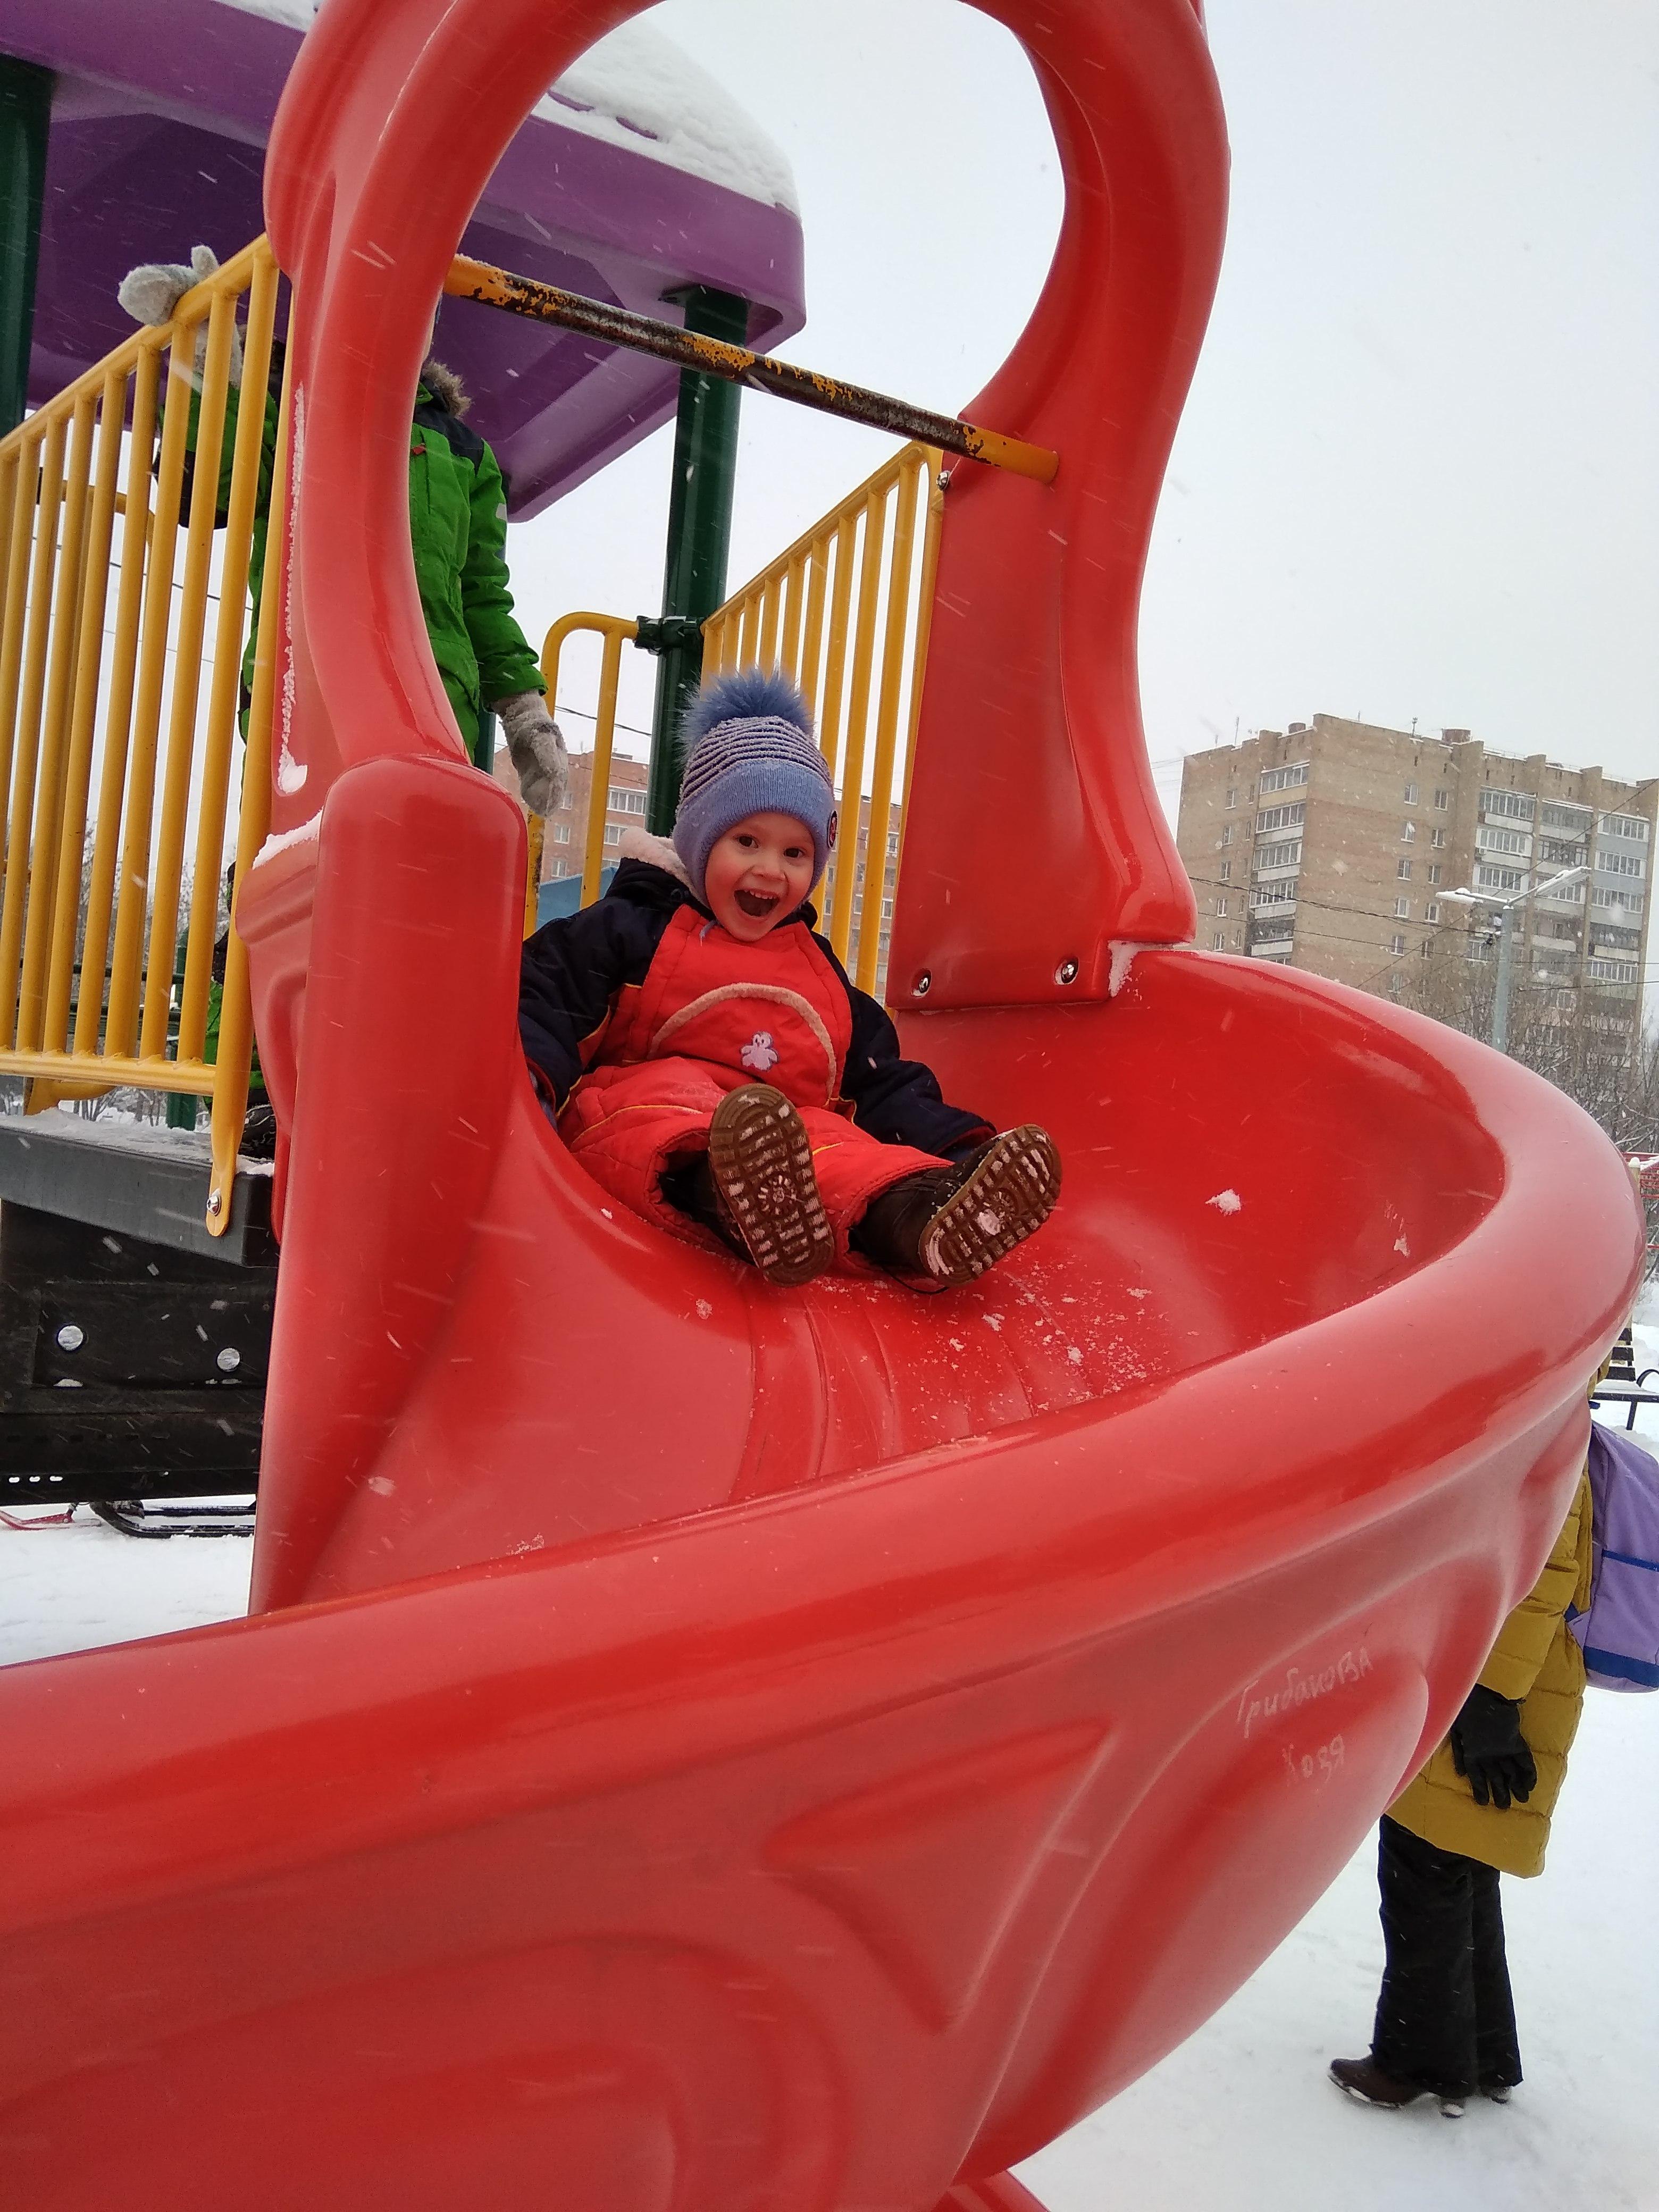 Зима - это весело!. Веселая зима